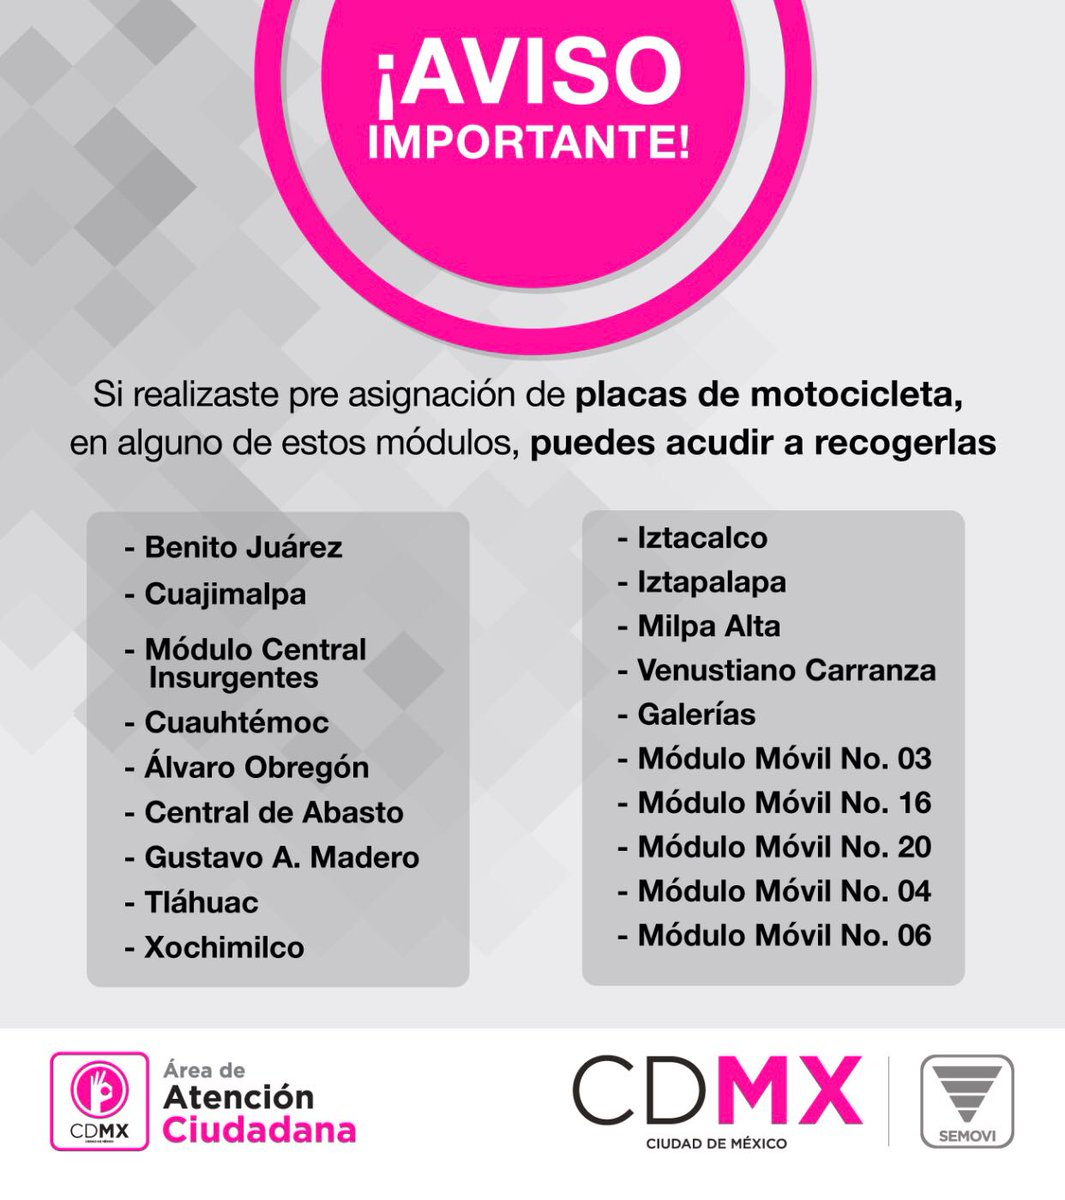 Secretaría De Movilidad Cdmx On Twitter Semoviinforma